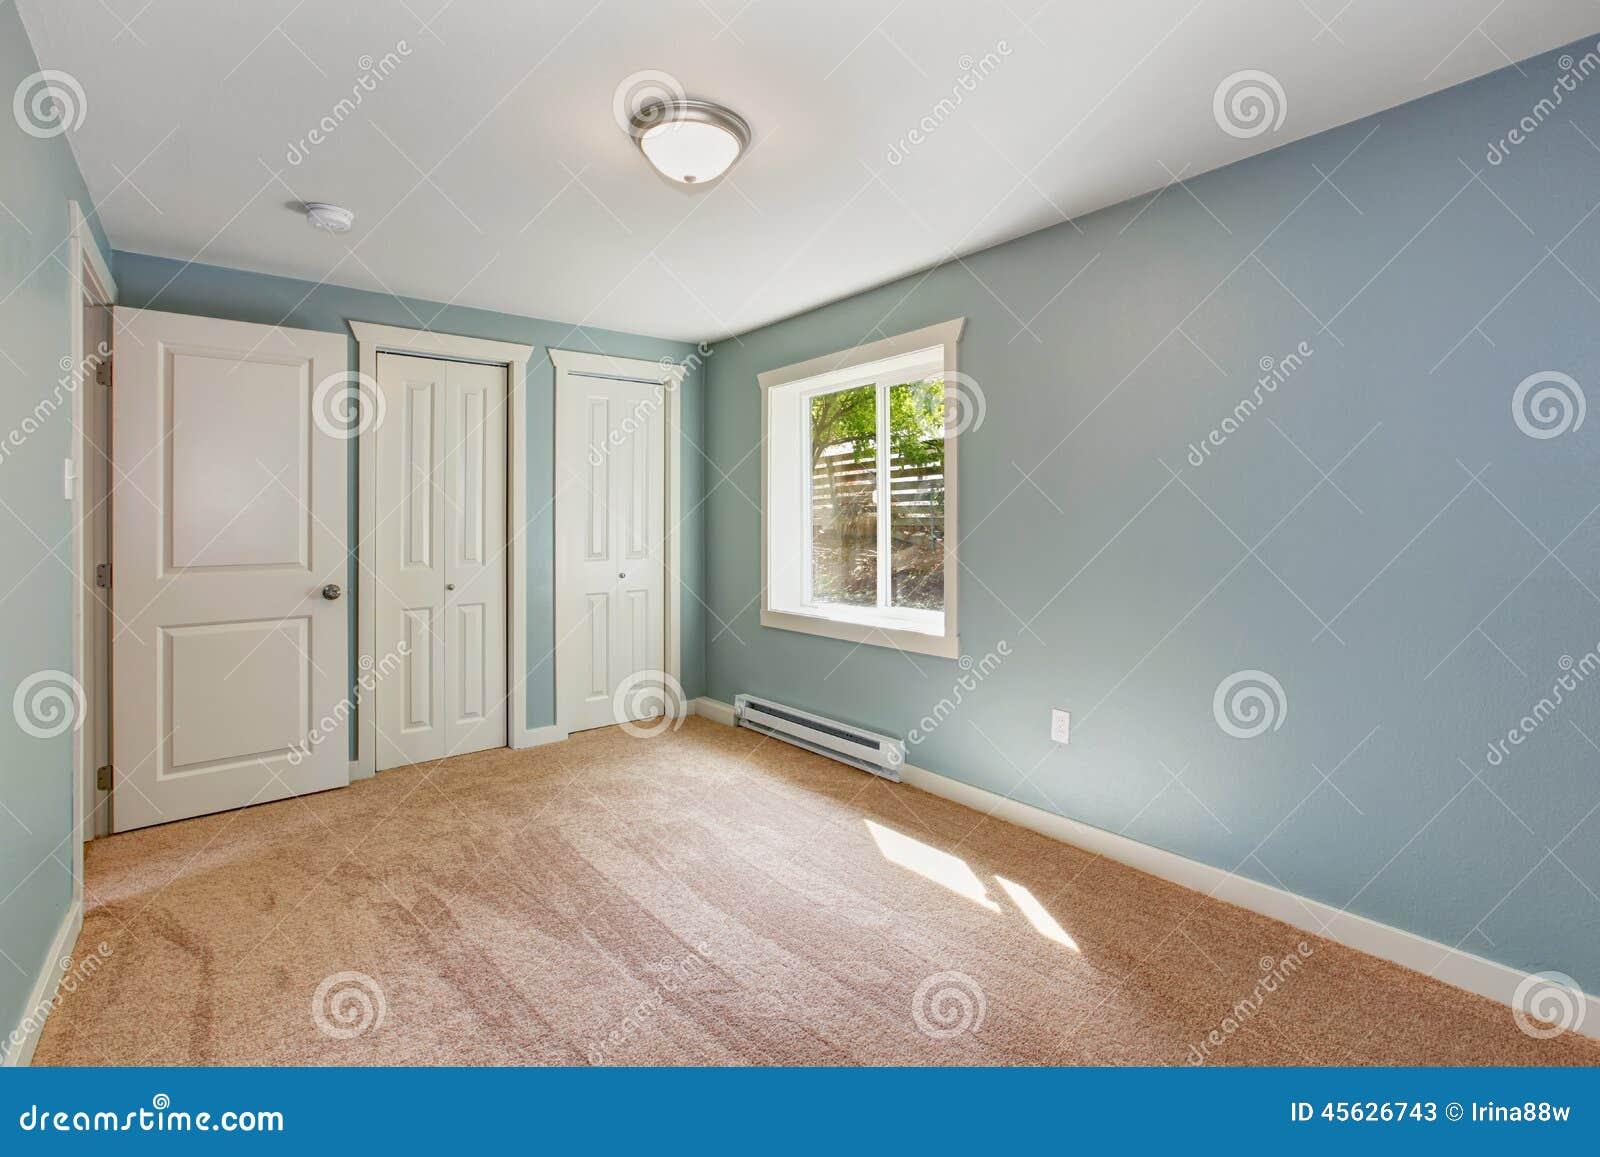 Enkelt sovrum med ljus   blåa väggar arkivfoto   bild: 45737101